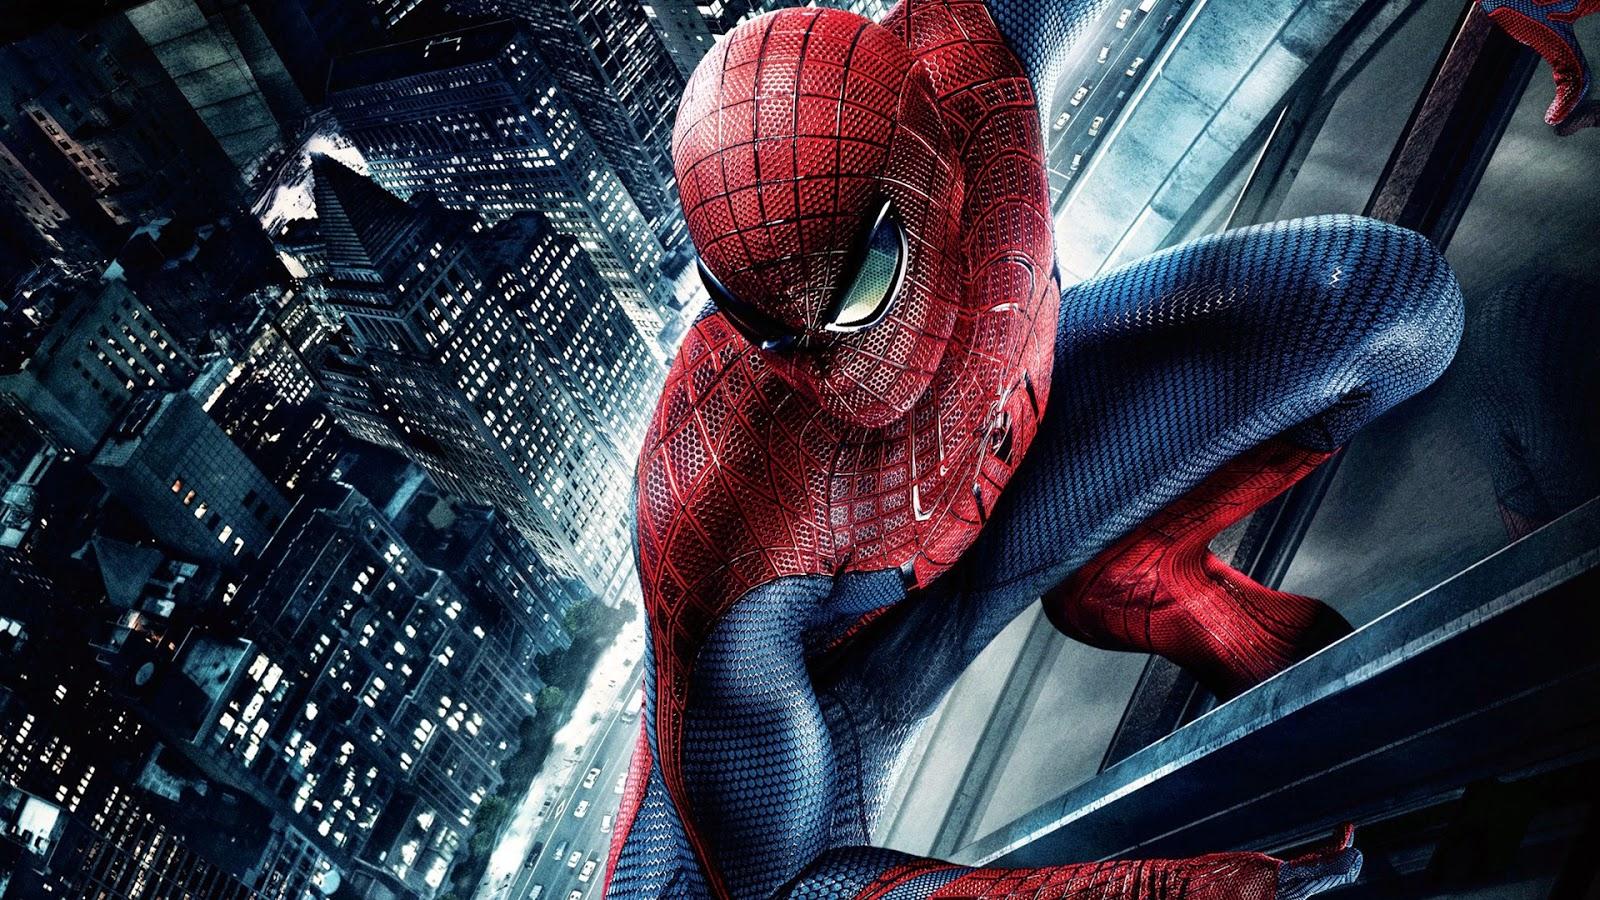 Share 5 ảnh bìa cỡ lớn Spider Man \u0026 Iron Man Dành cho PC